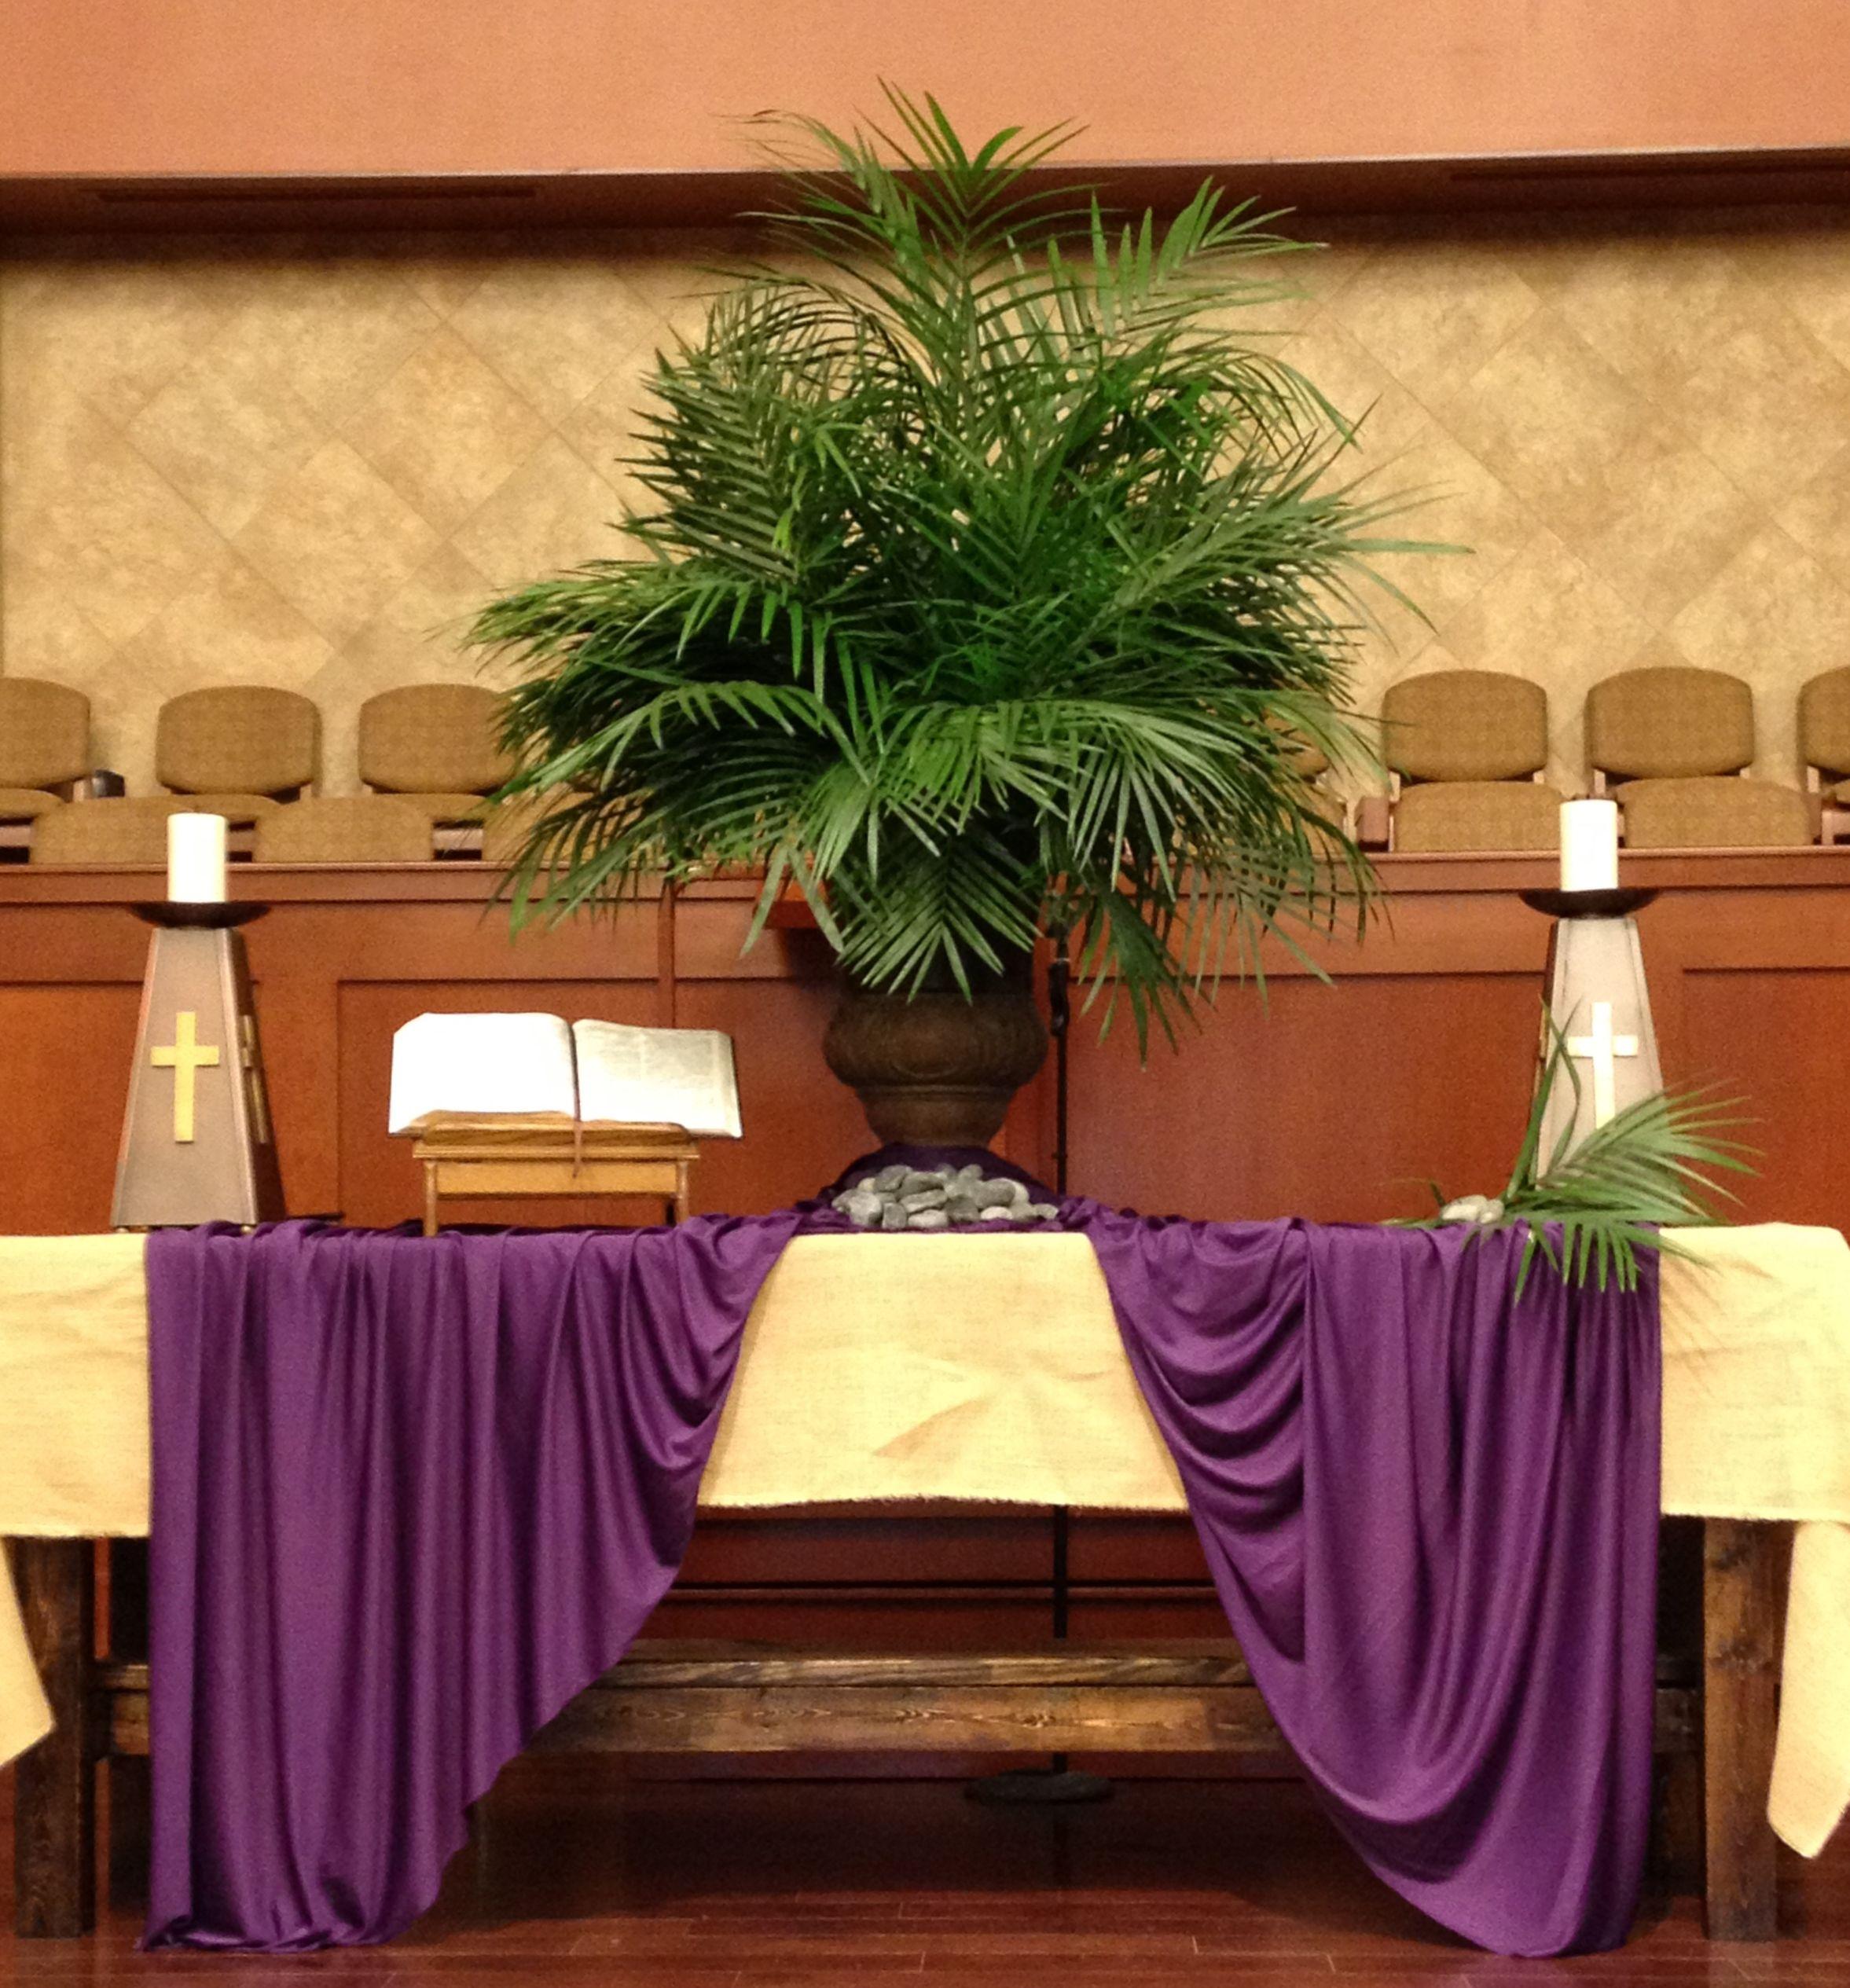 Church Altar Wedding Decorations: GAUMC Sanctuary Palm Sunday Altar 2014